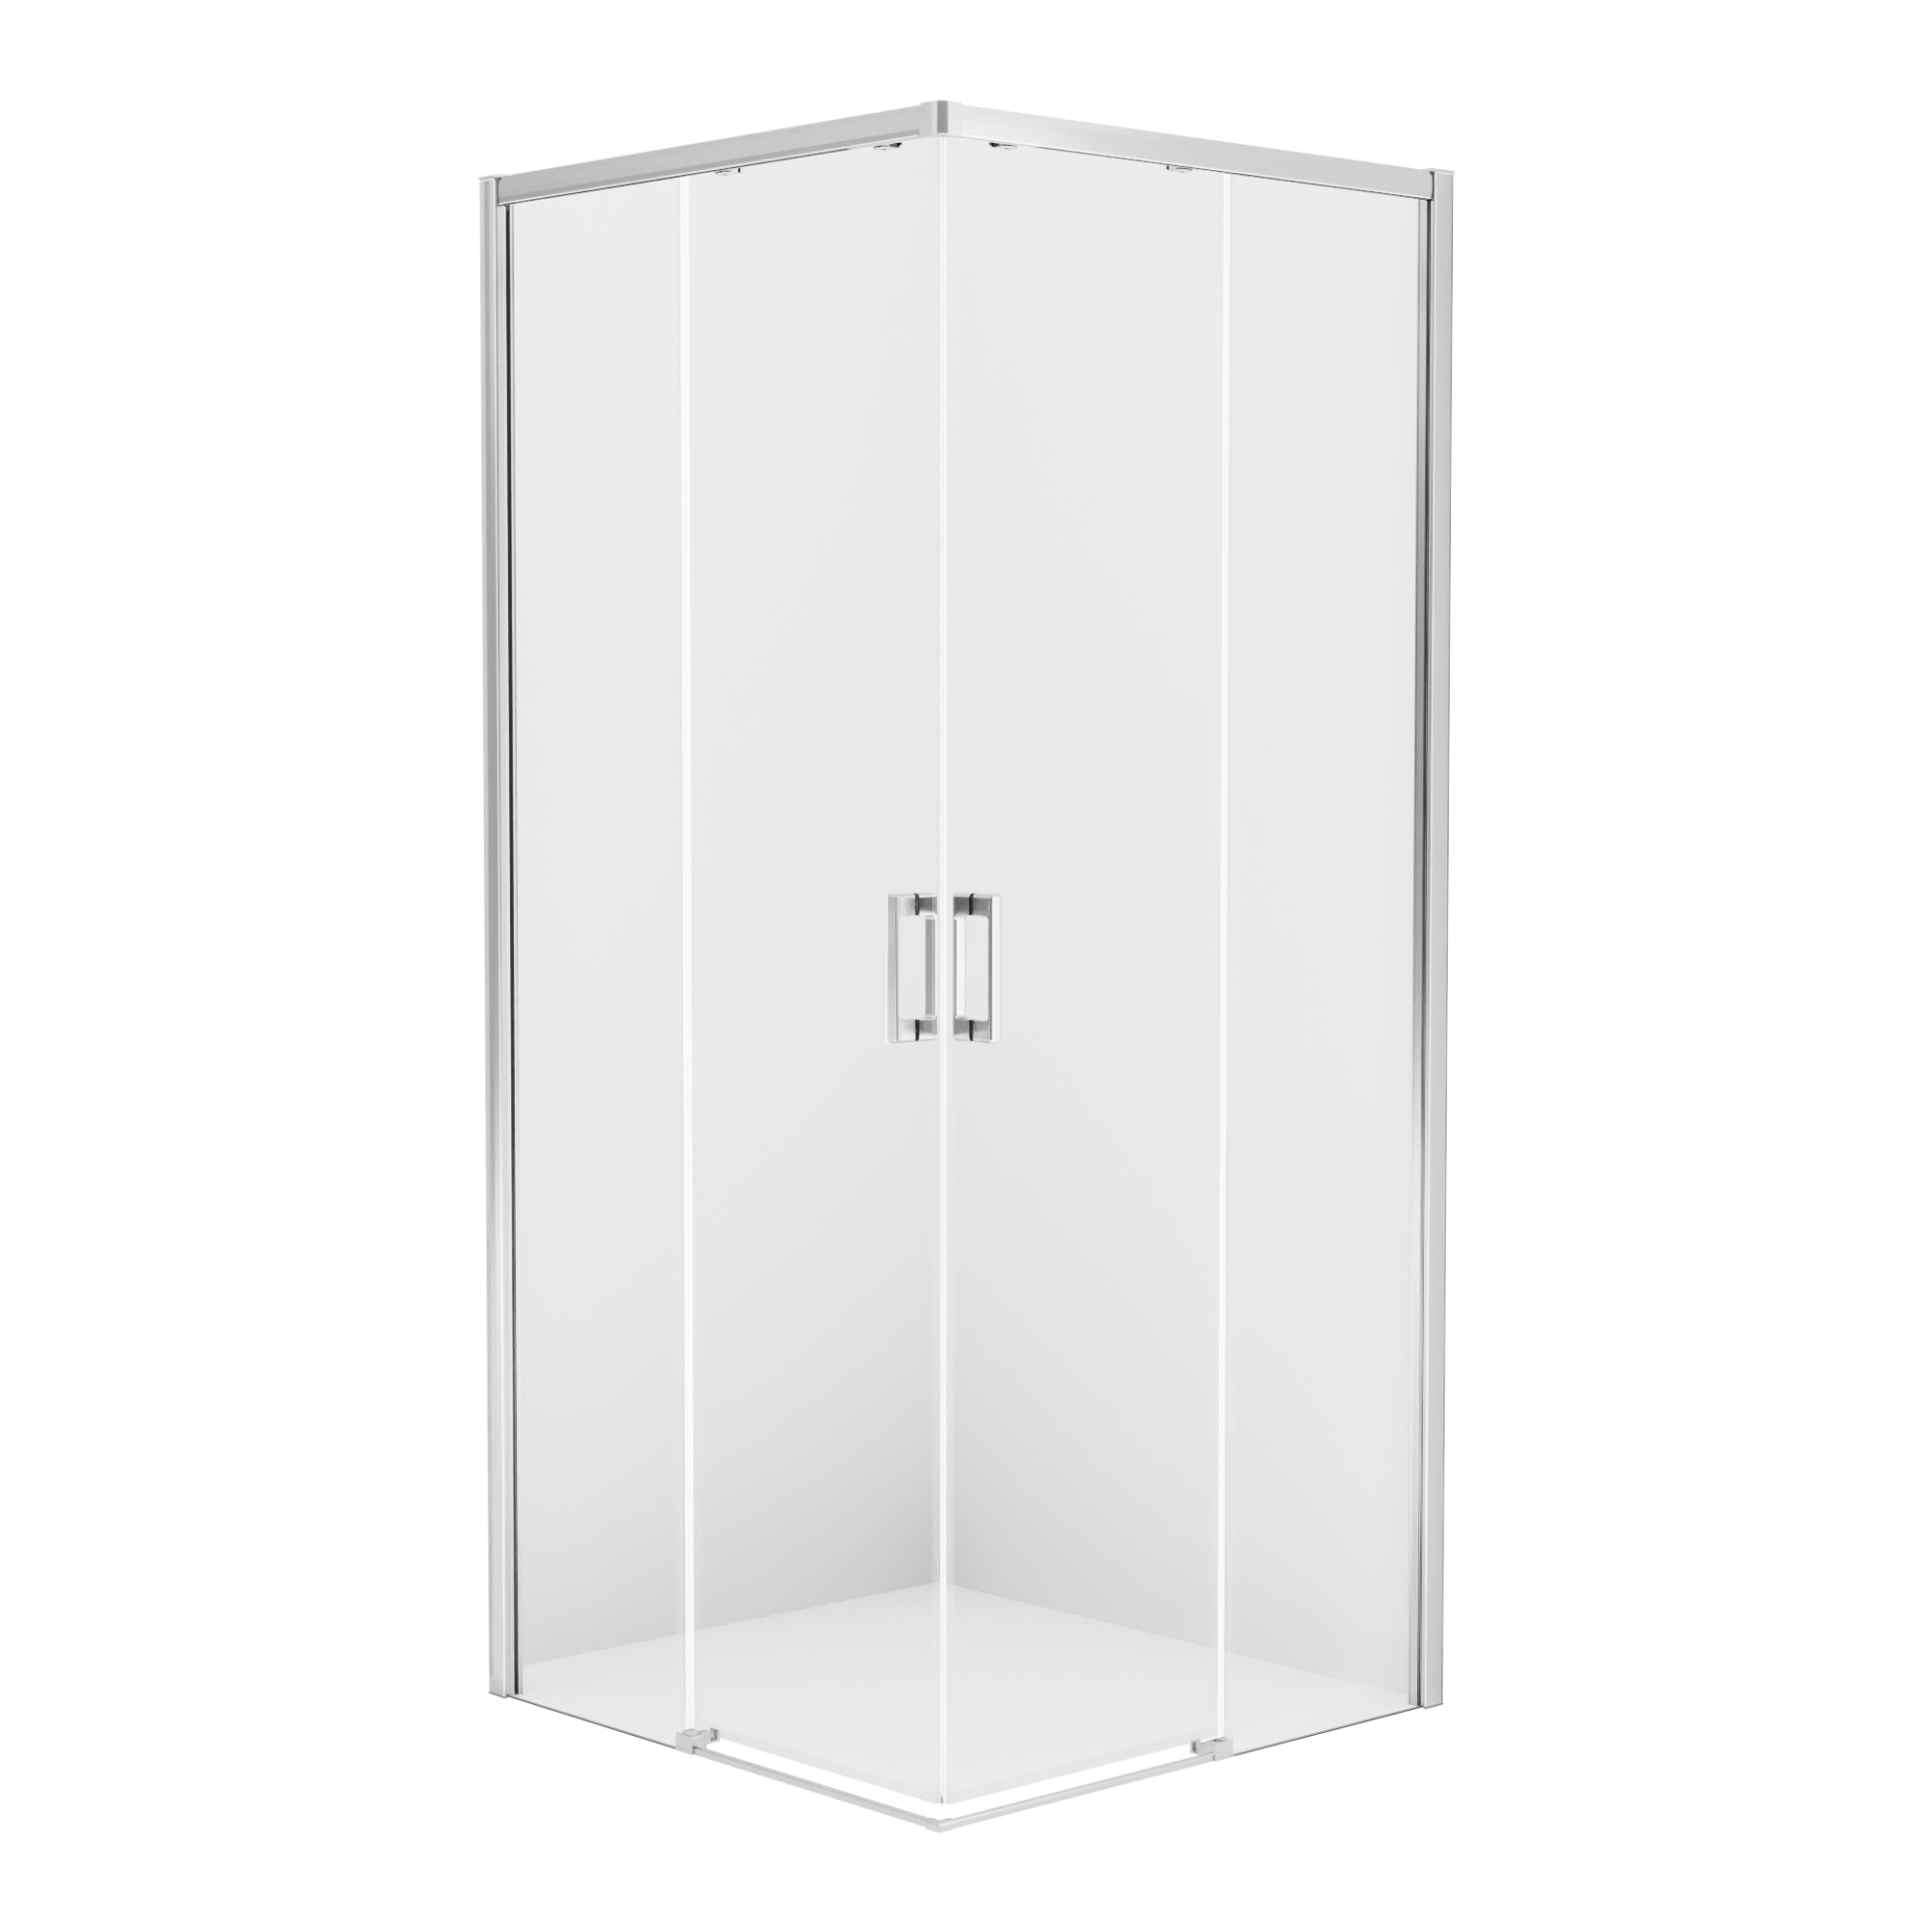 Kwadratowa kabina prysznicowa Prime firmy New Trendy